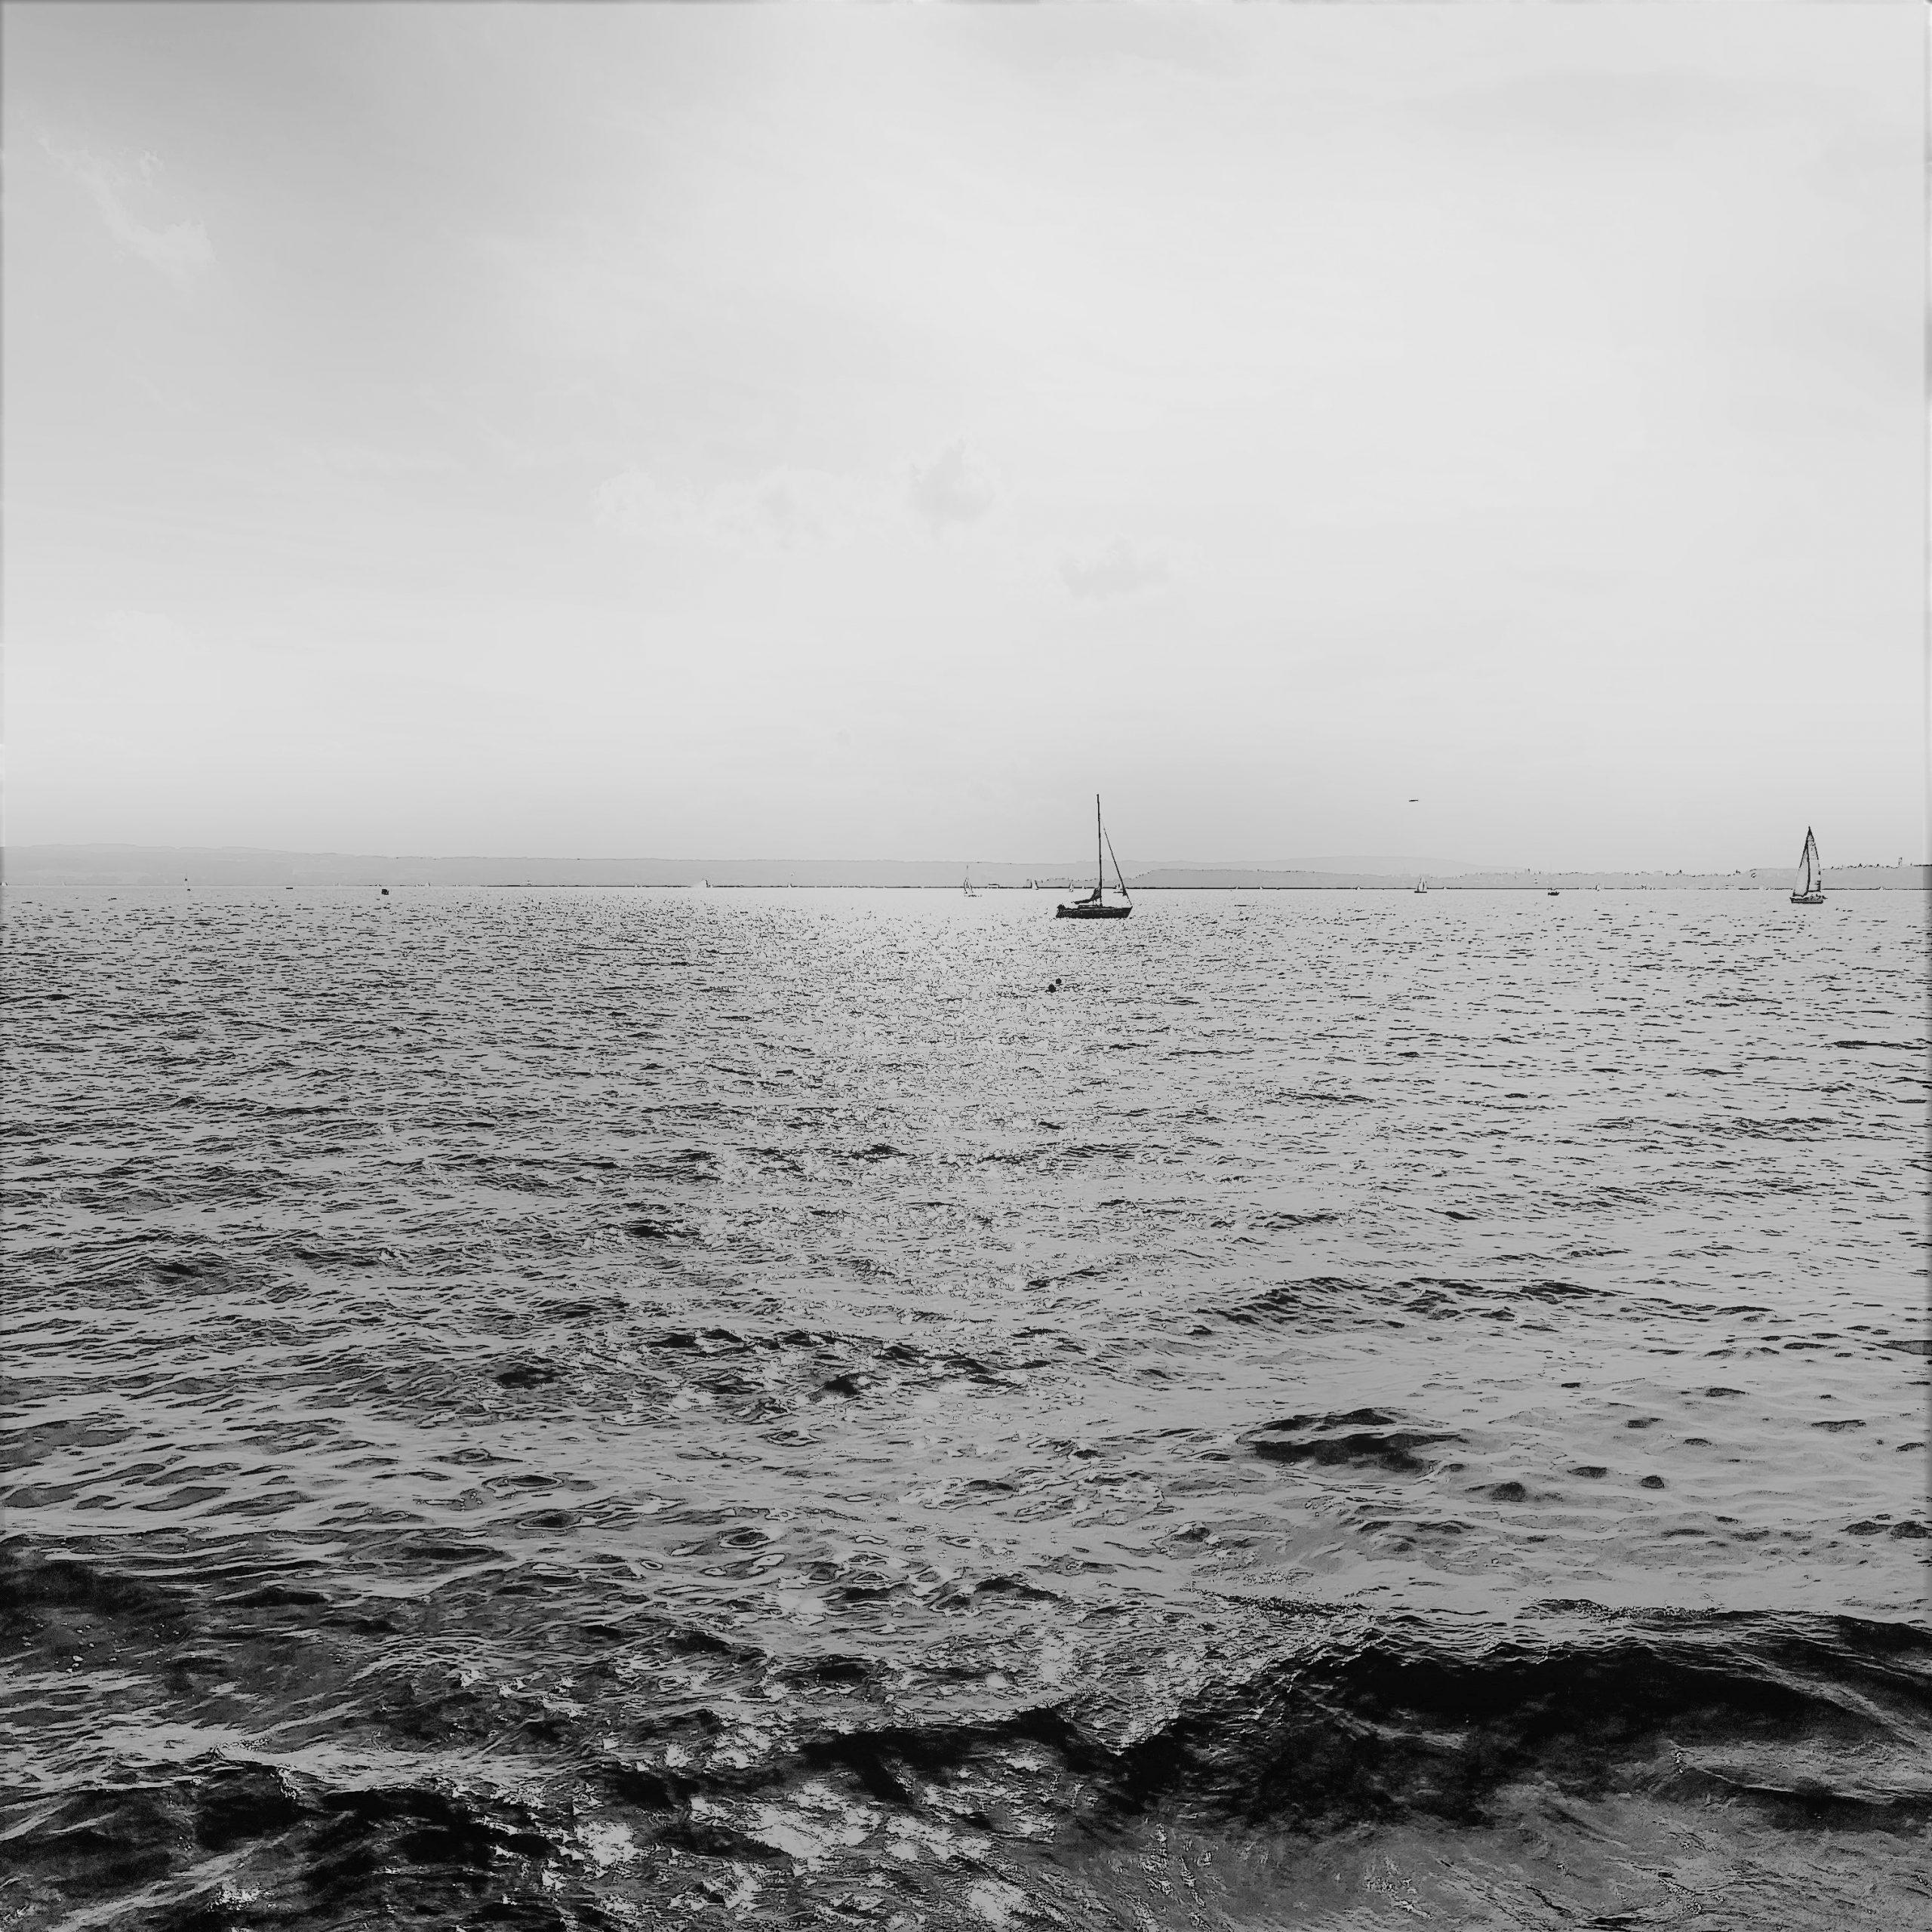 Segelboot auf dem Wasser ls Sinnbild für einen Motivationsspruch